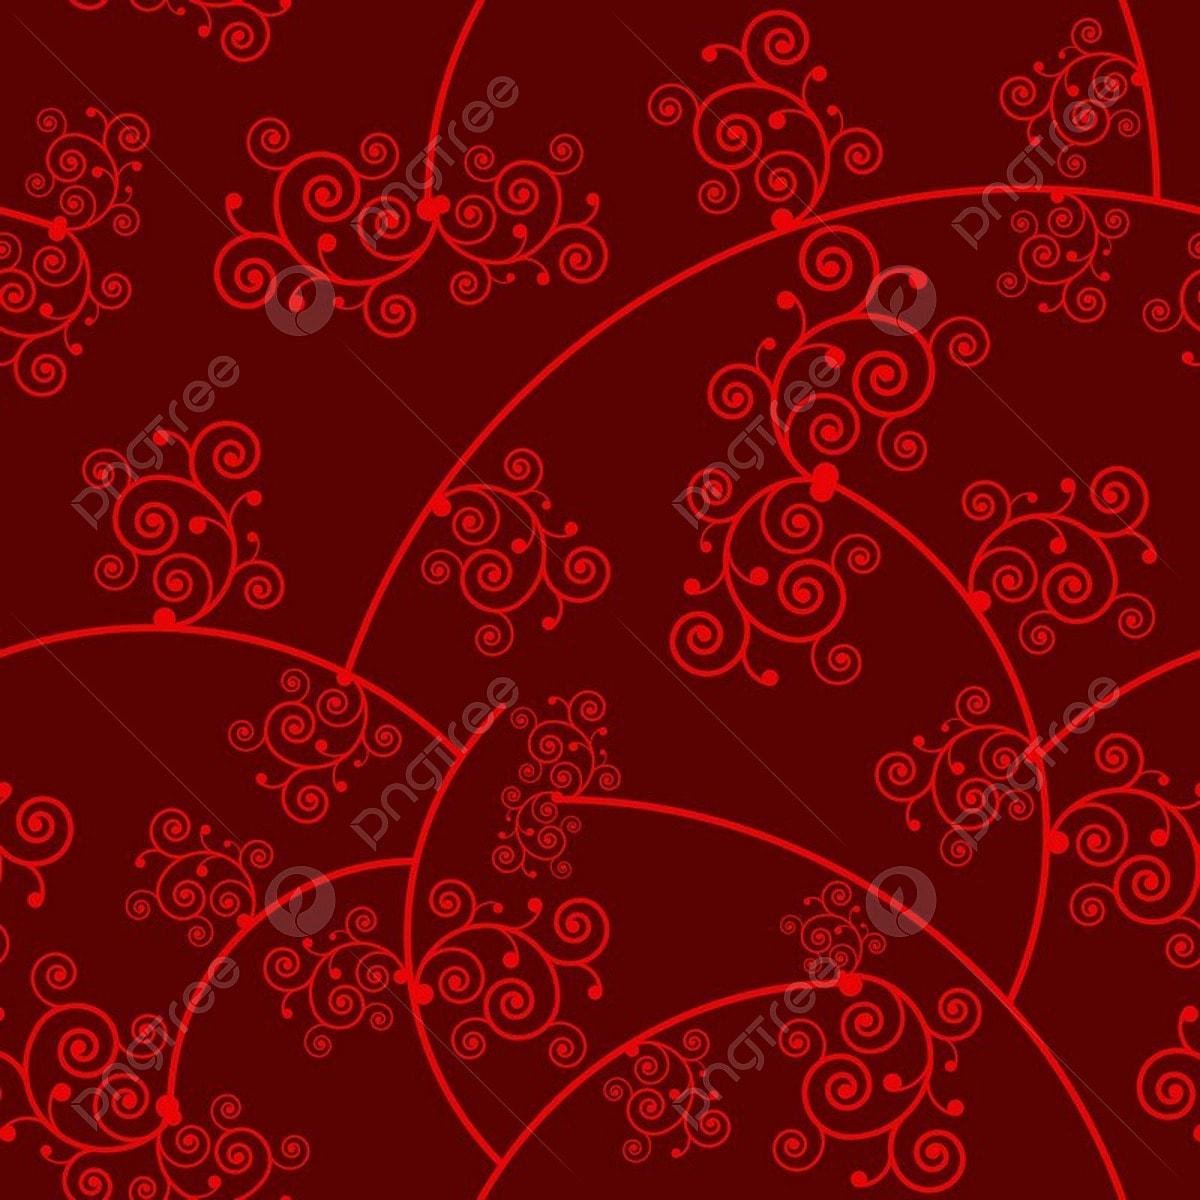 In Damasco Rosso Di Lusso Sfondo Ornamentali In Motivo Floreale